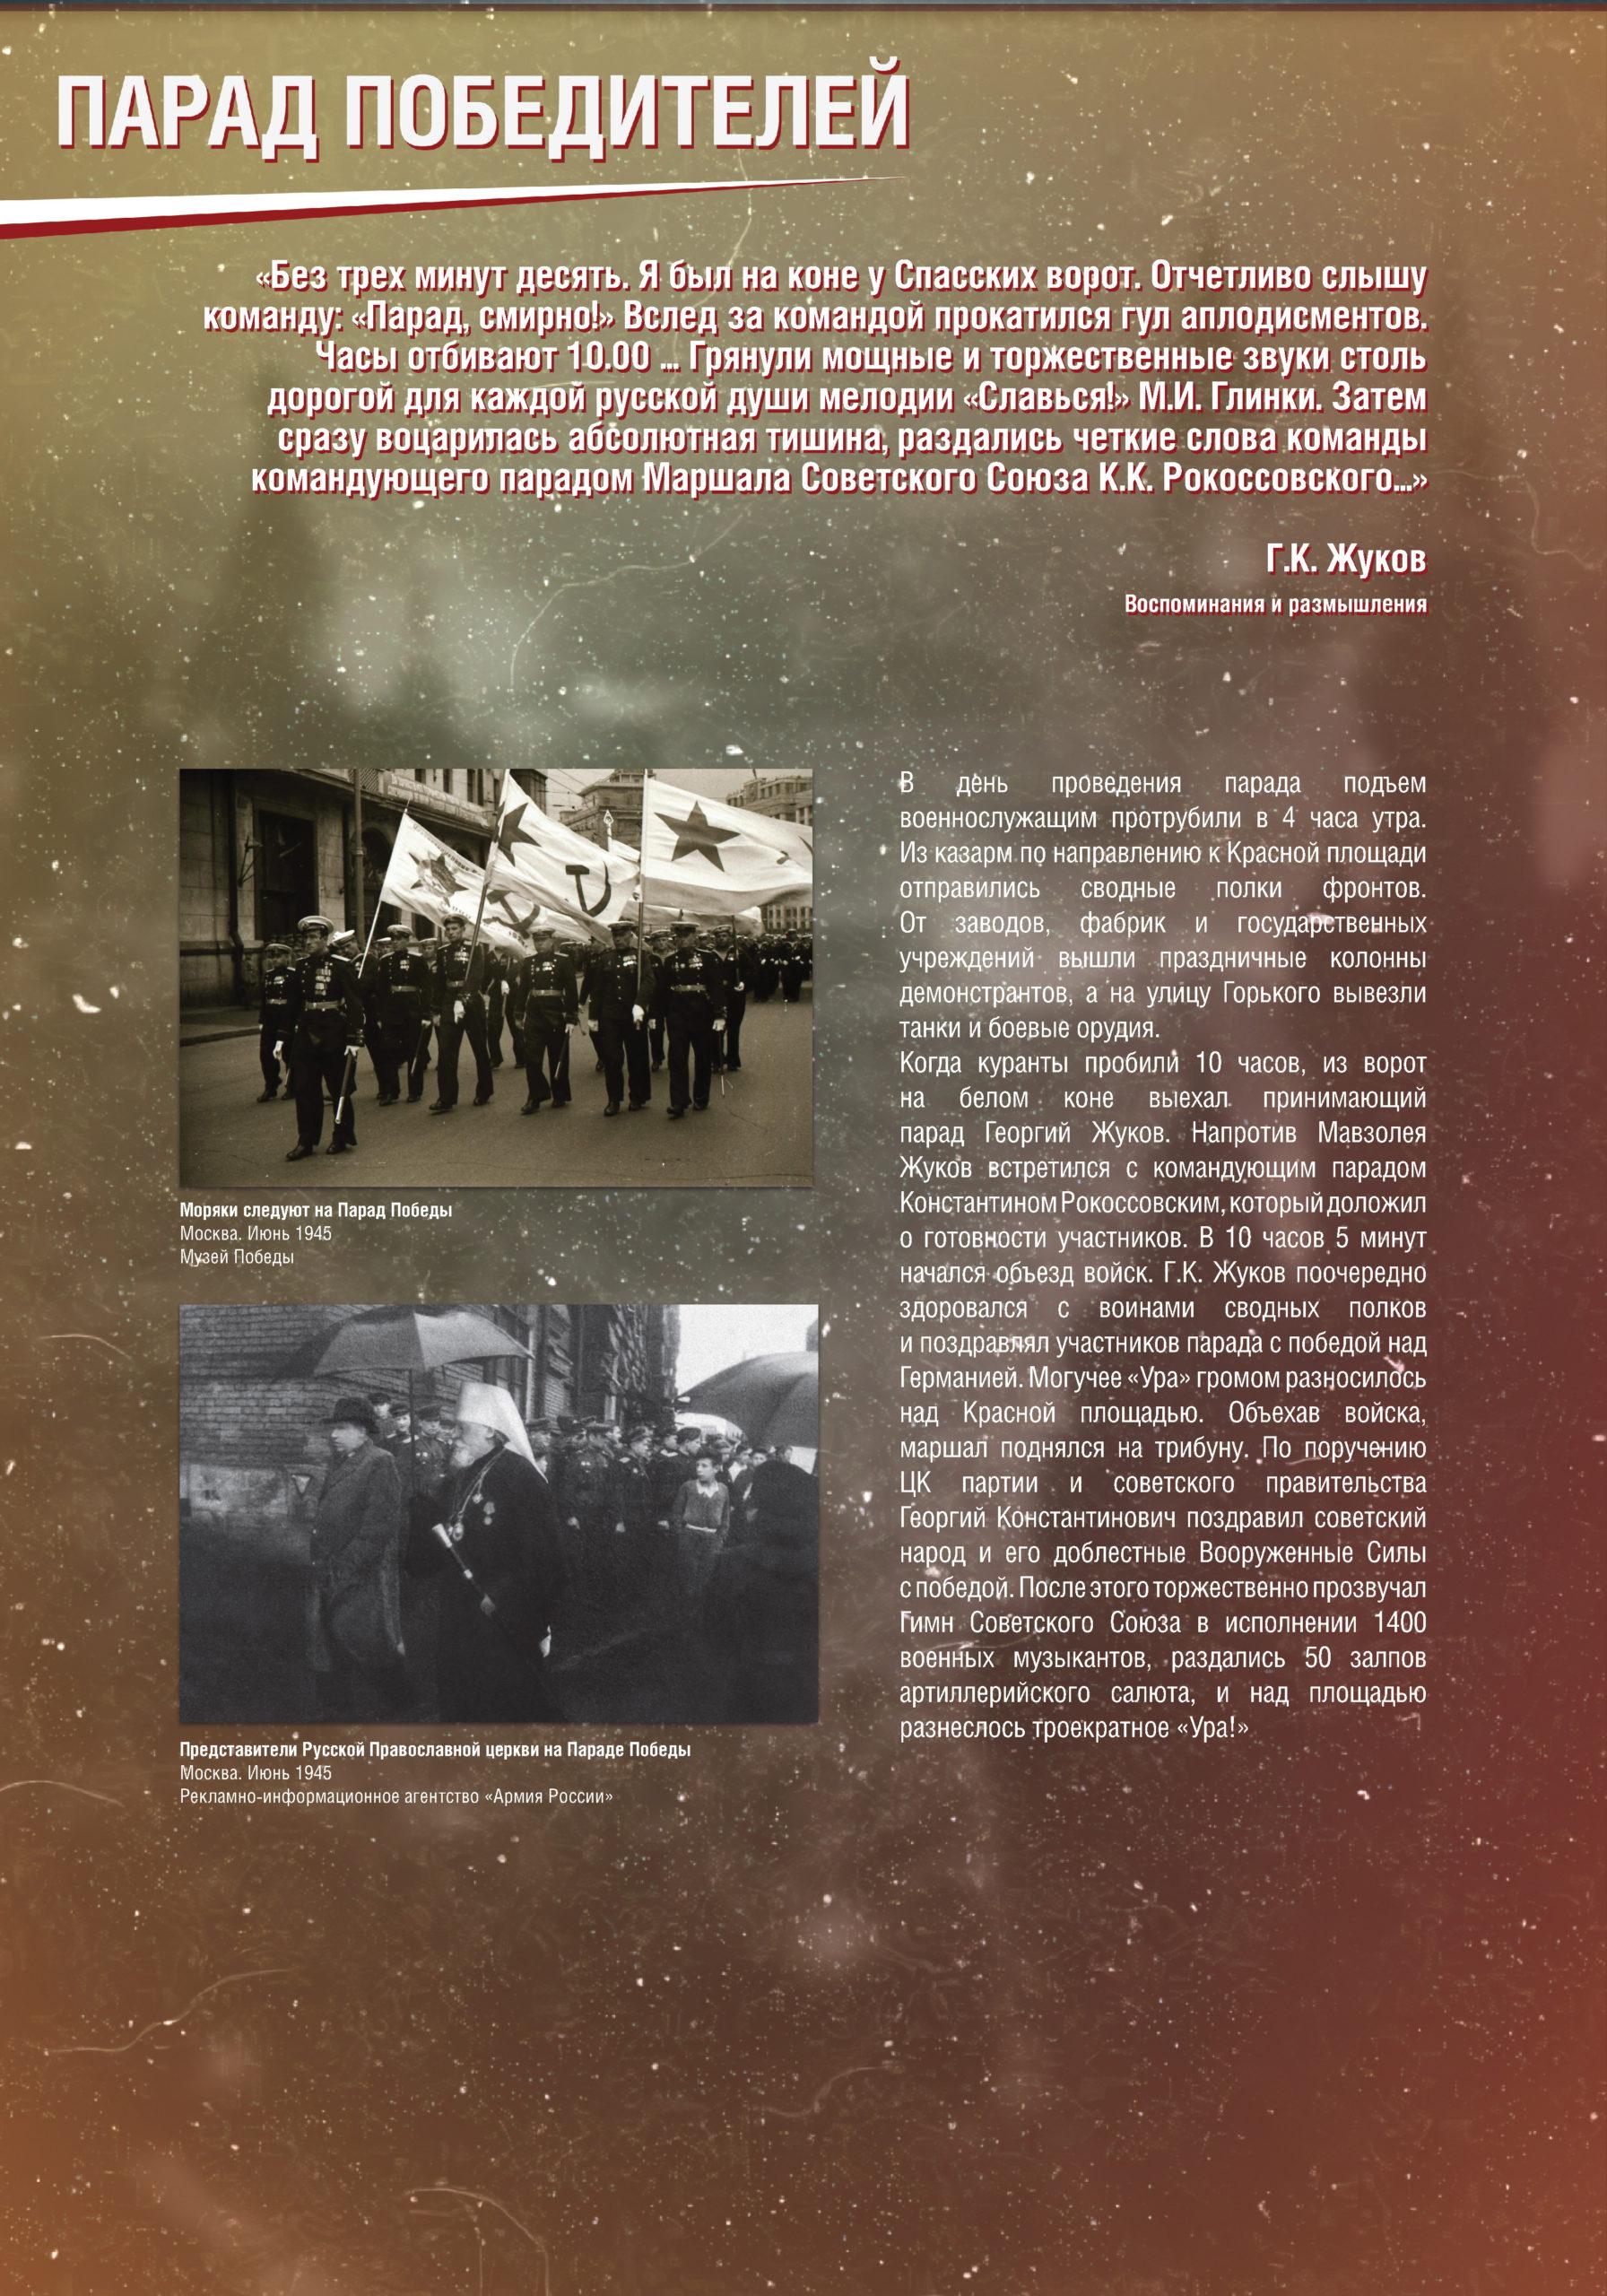 parad_pobediteley_1906_Page19